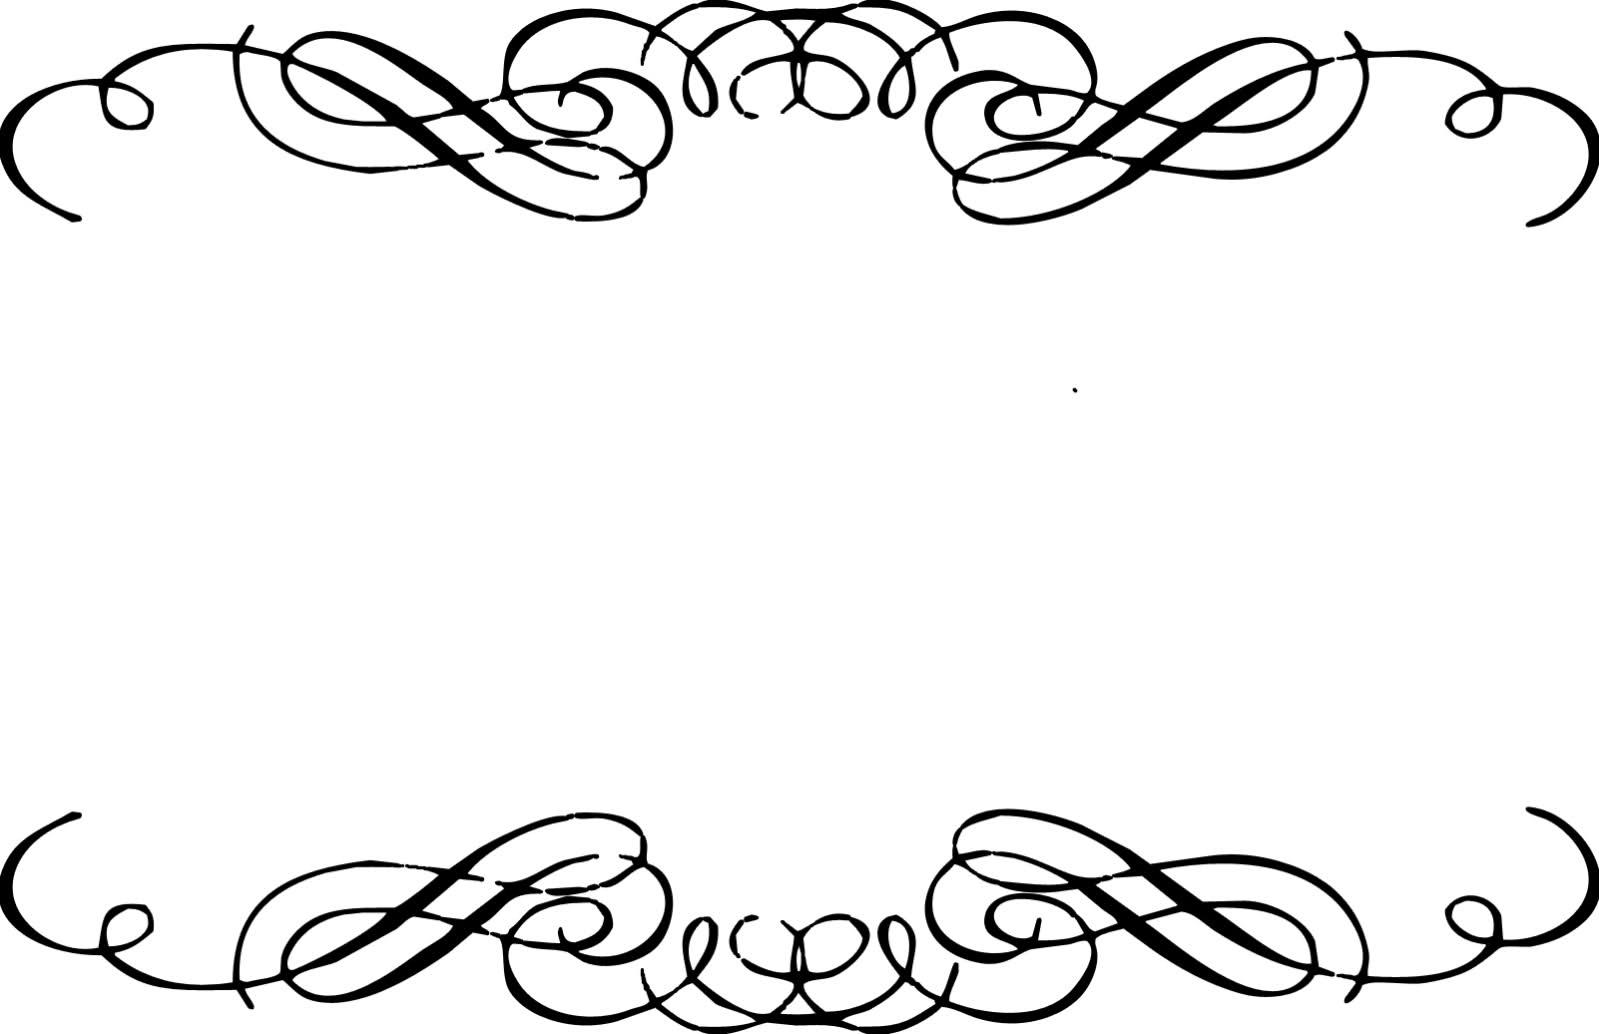 1599x1034 Border Designs Clipart